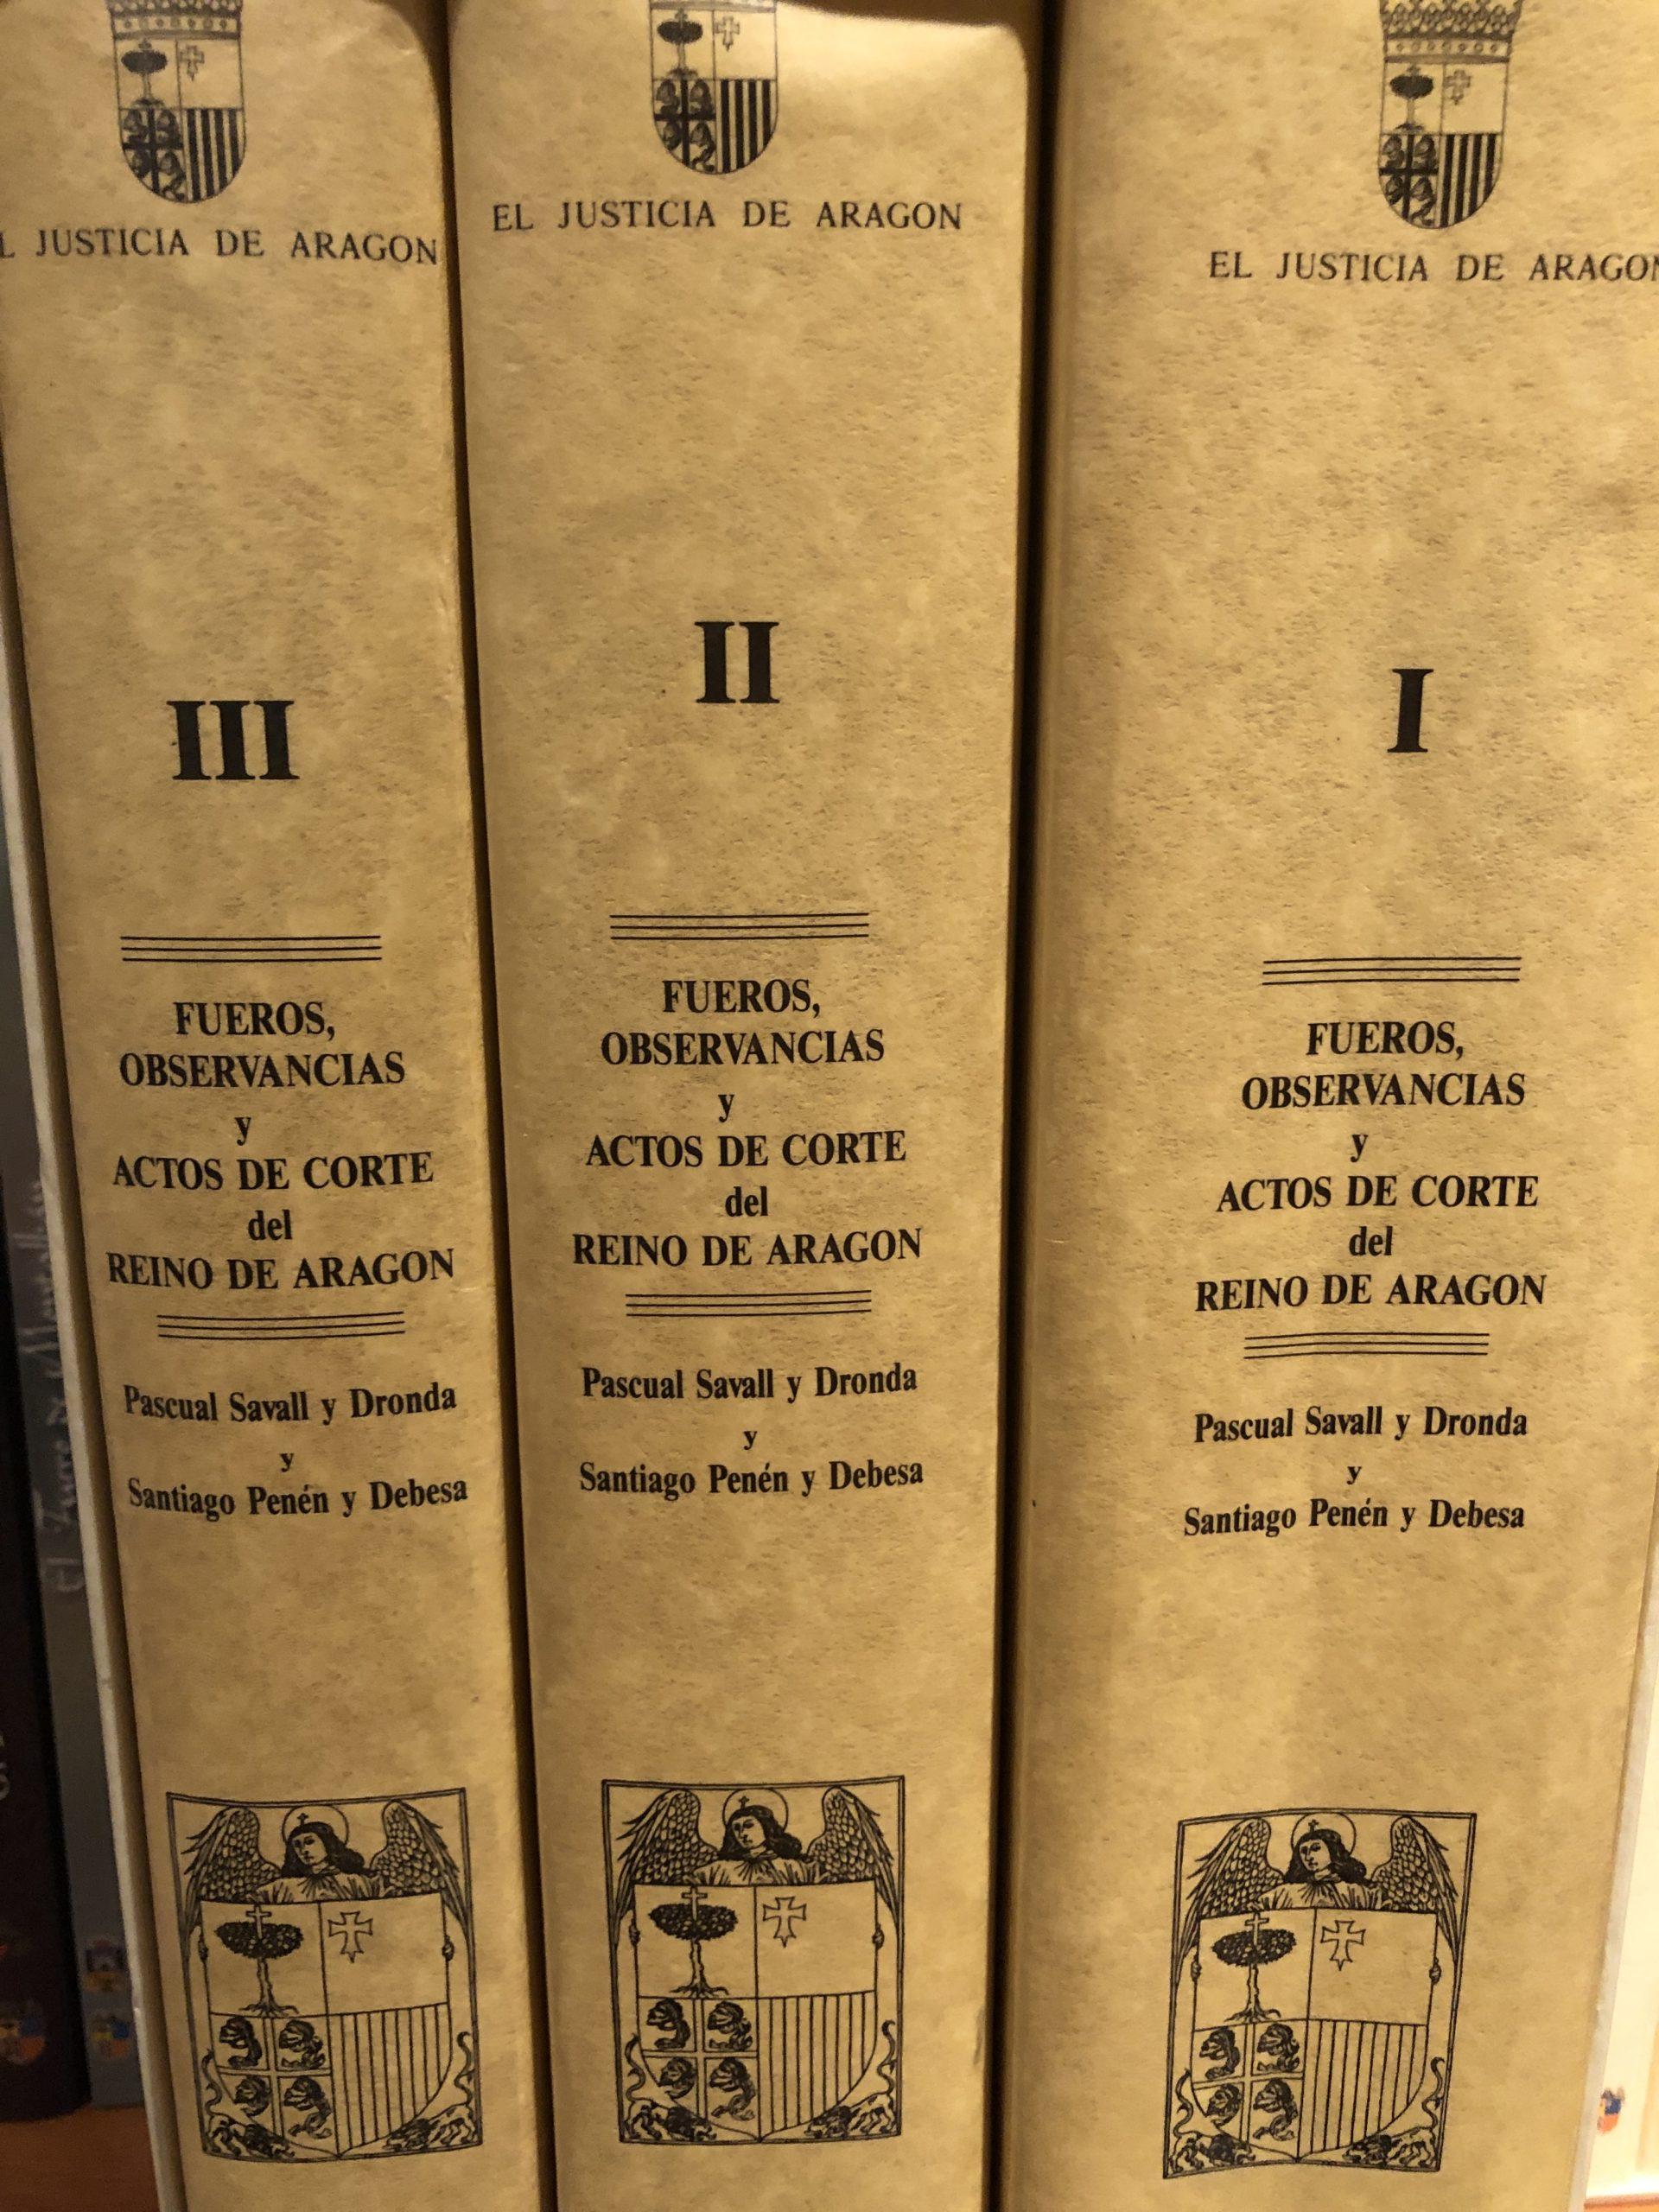 lomo de los libros fueros